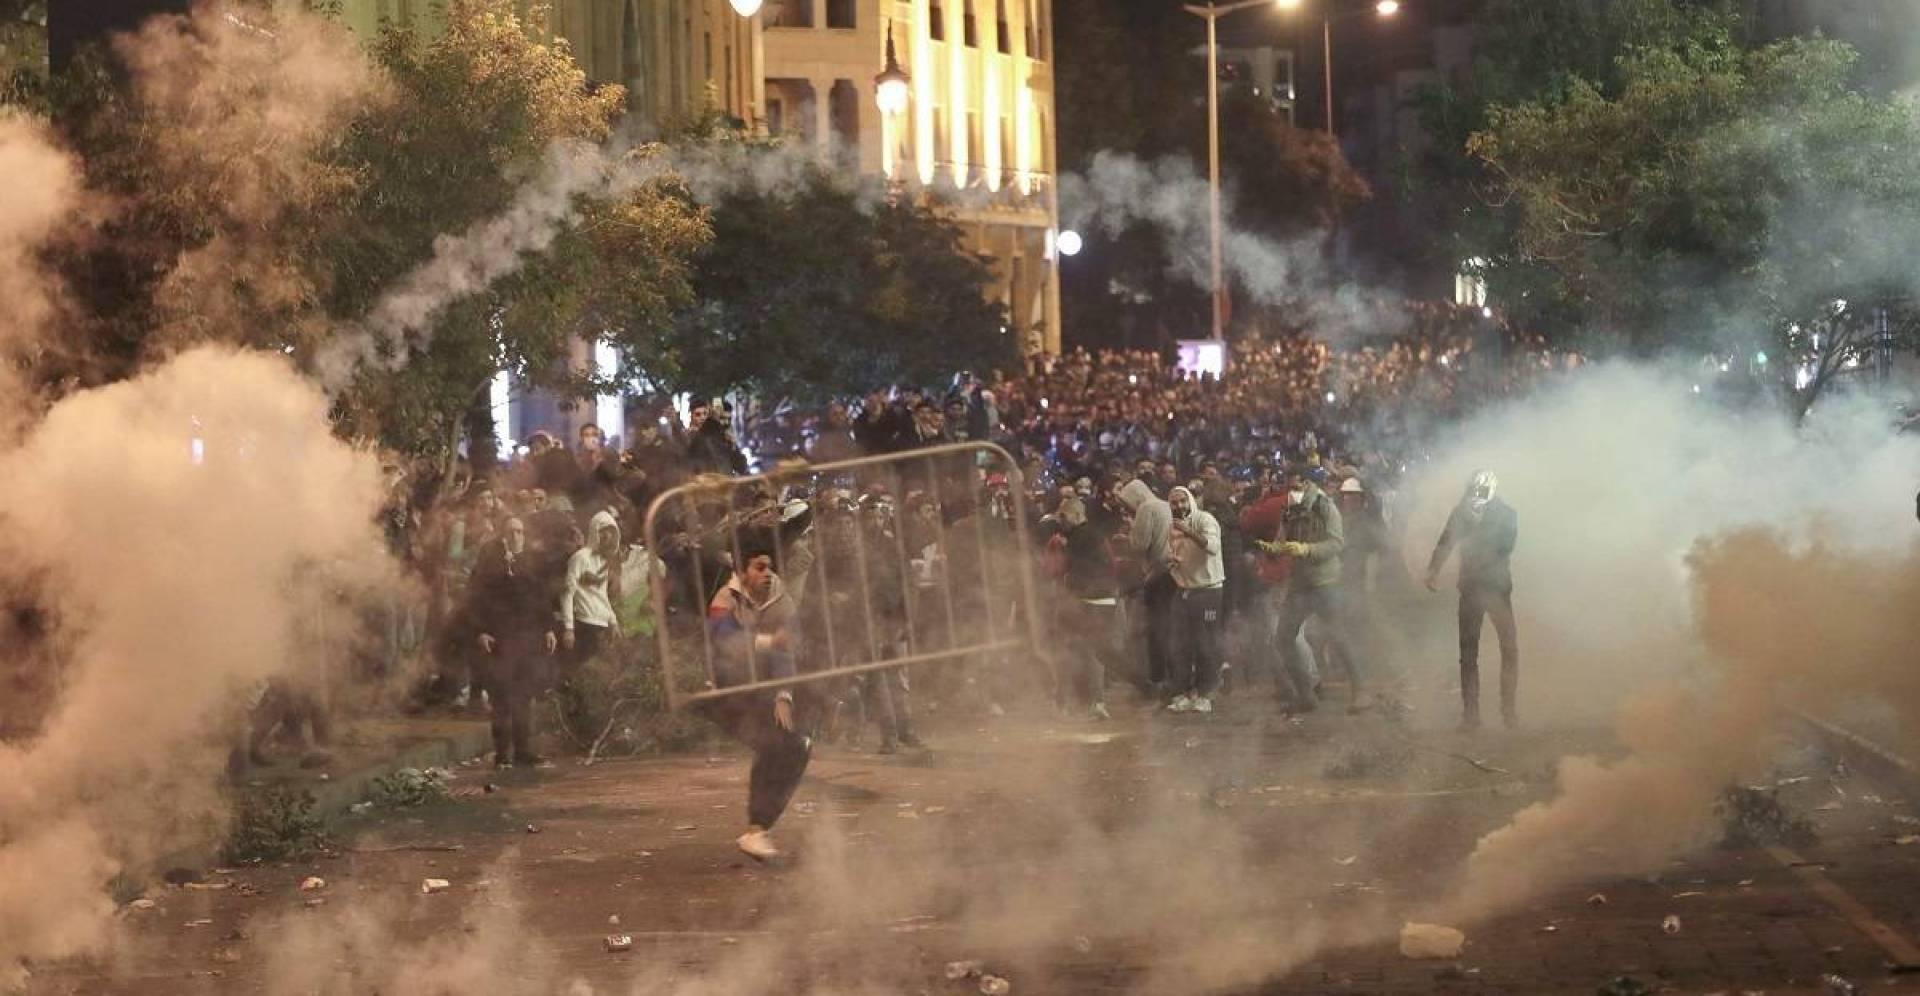 وزيرة الداخلية اللبنانية تحث المتظاهرين على إخلاء شوارع بيروت